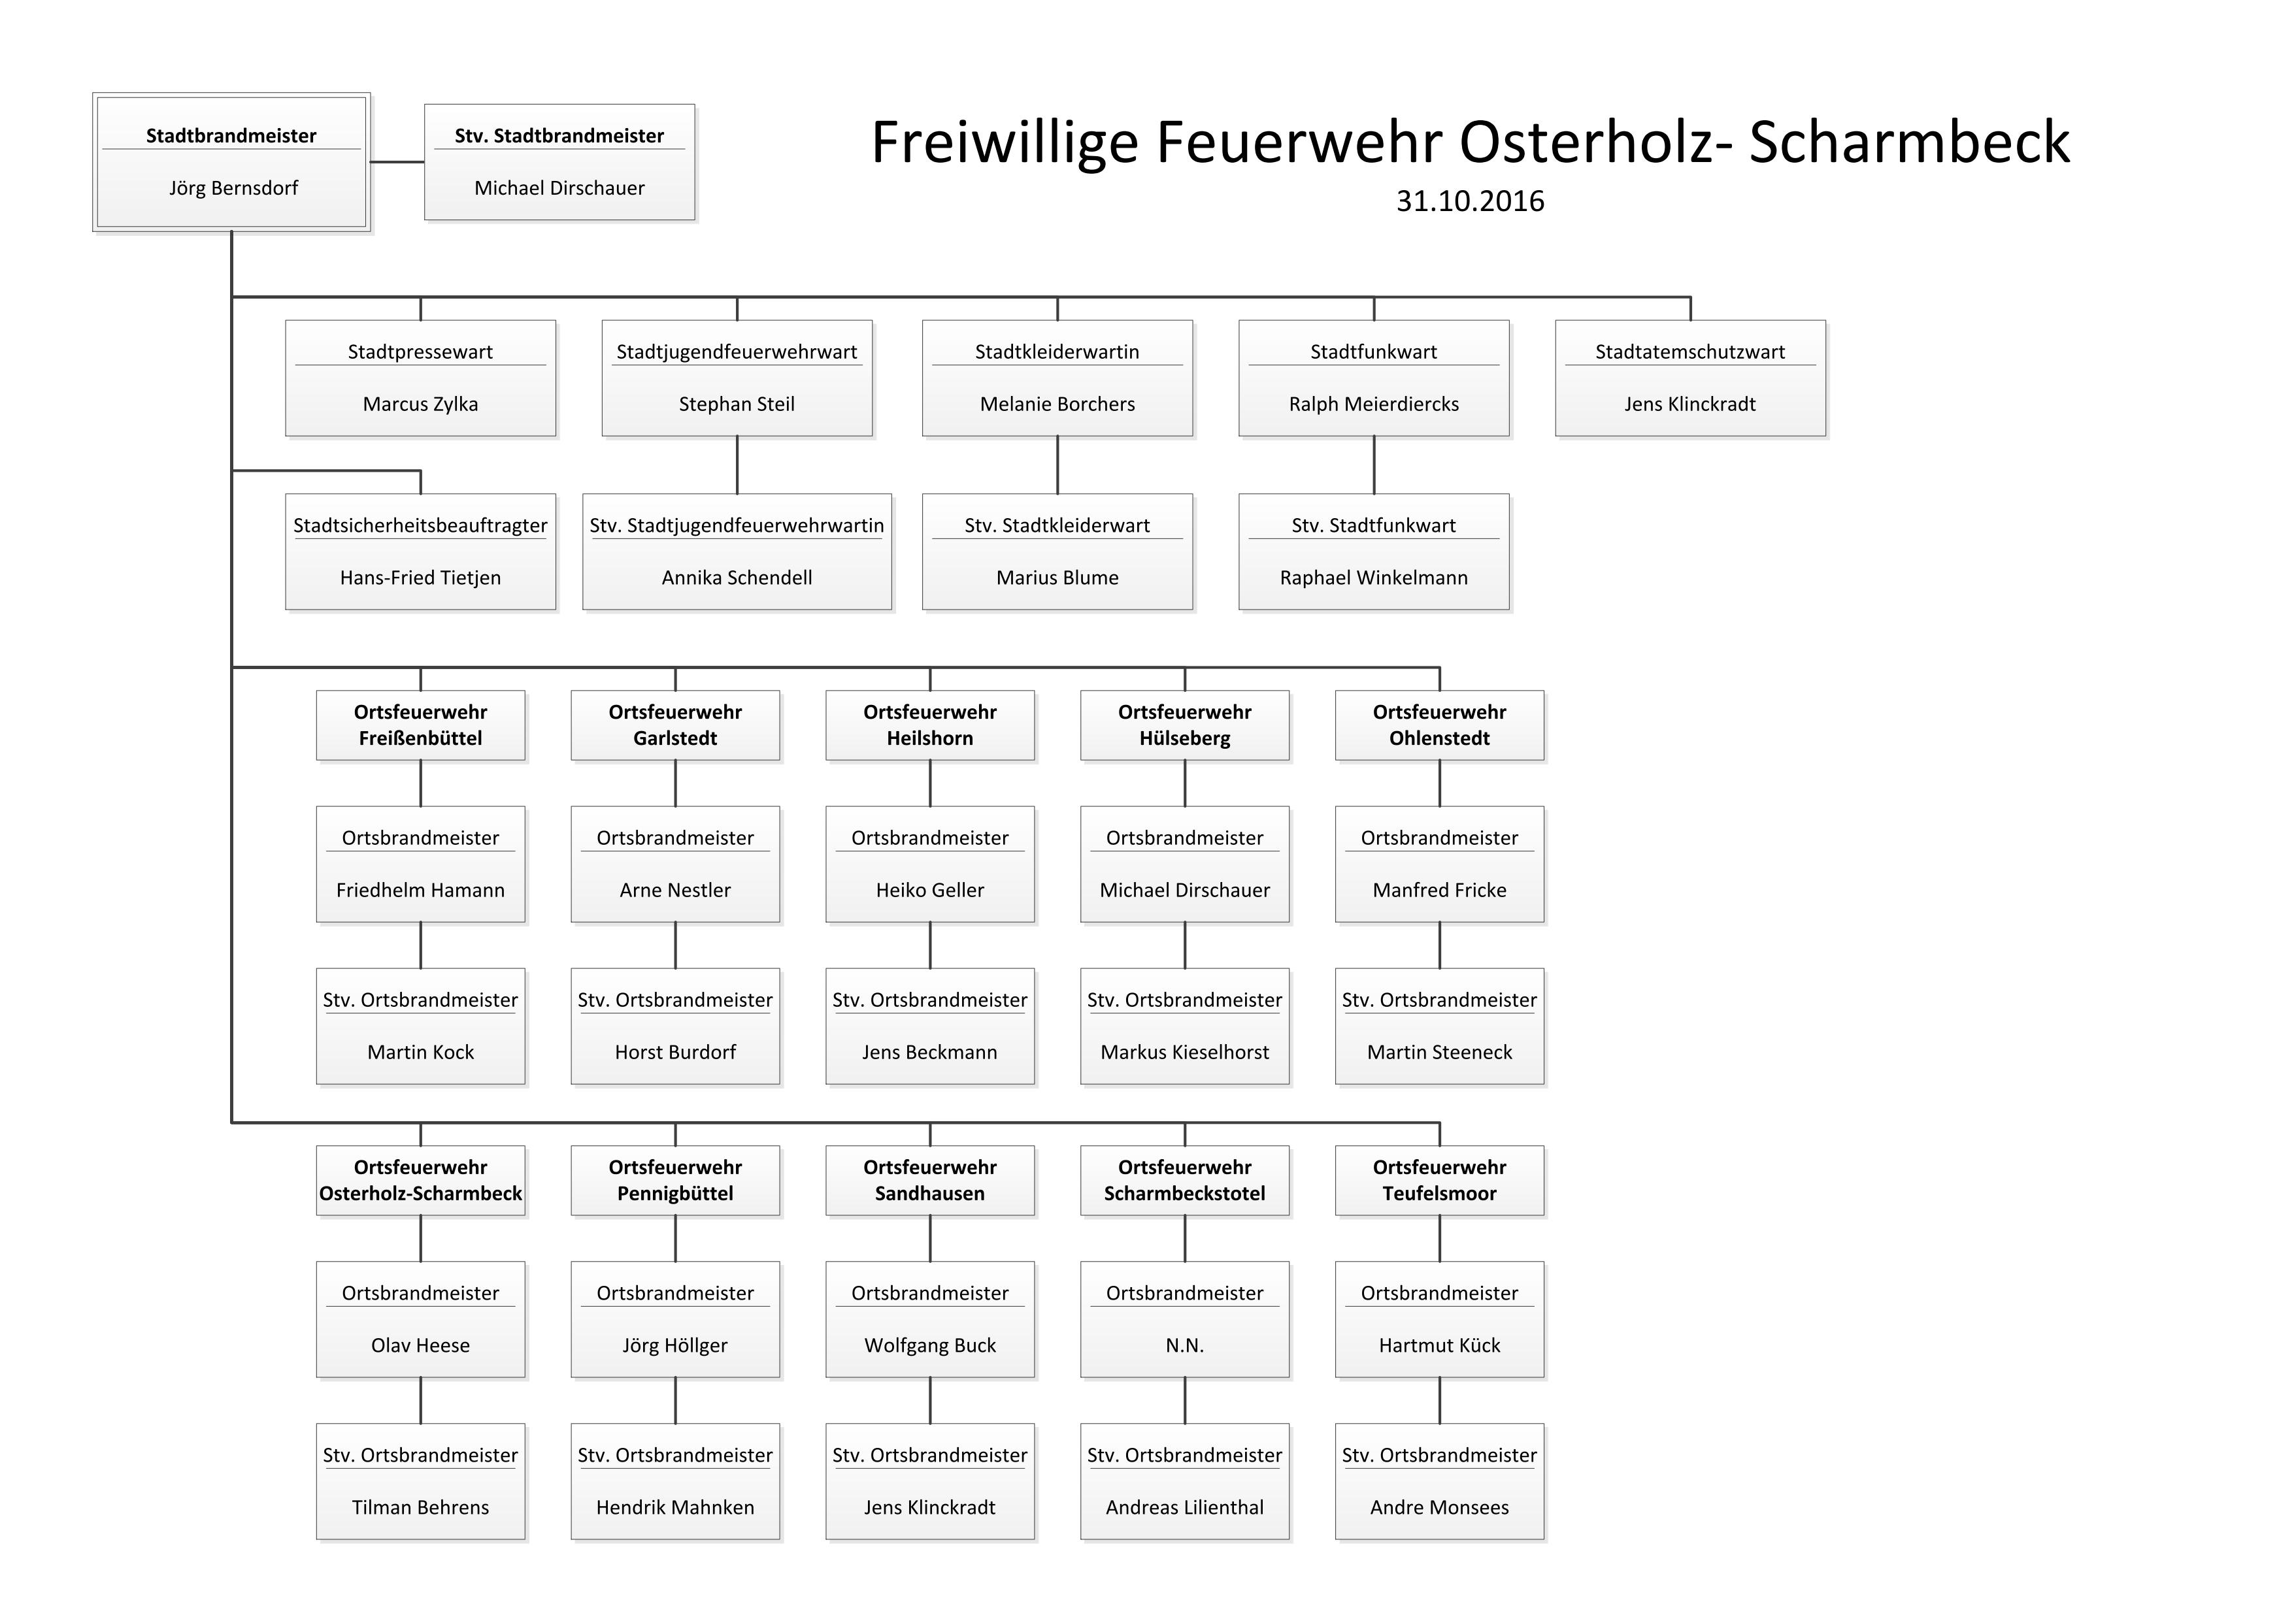 Freiwillige Feuerwehr Osterholz-Scharmbeck – Organigramm